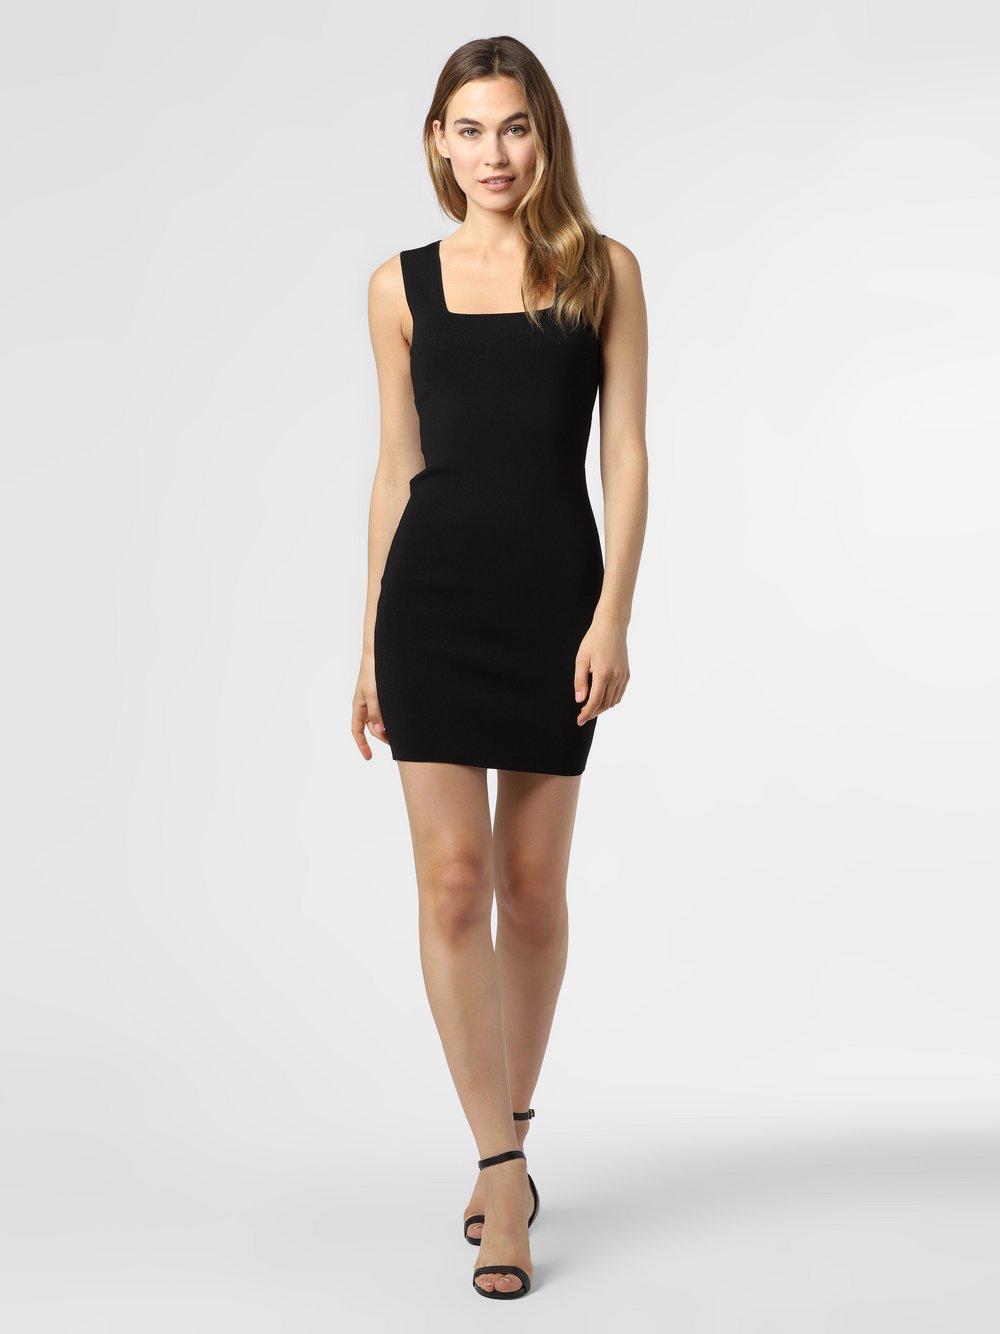 NIKKIE – Sukienka damska – Jolie, czarny Van Graaf 477631-0001-00400